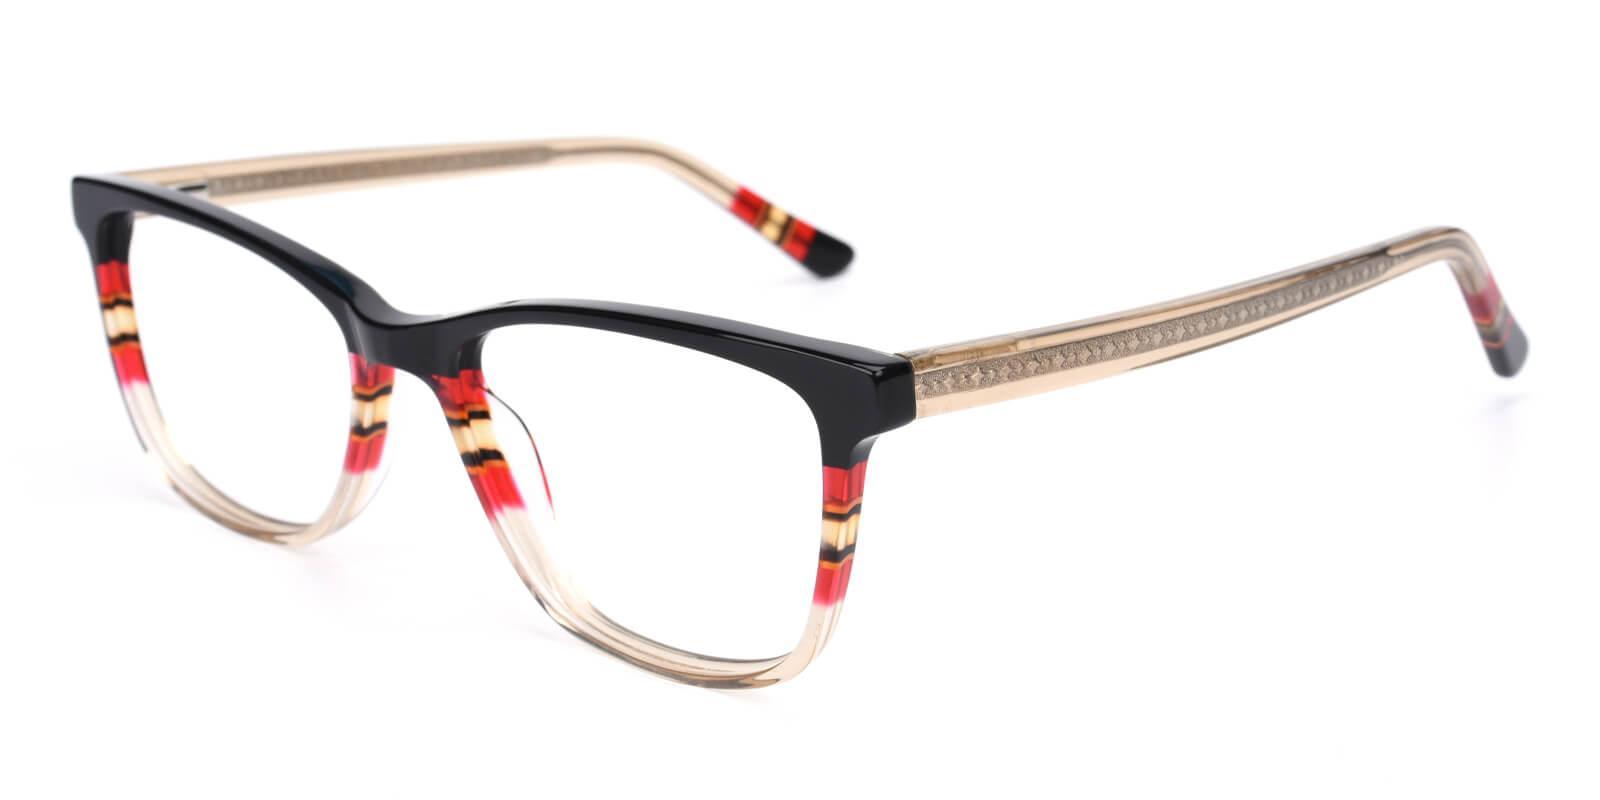 Selinda-Brown-Square / Cat-Acetate-Eyeglasses-additional1